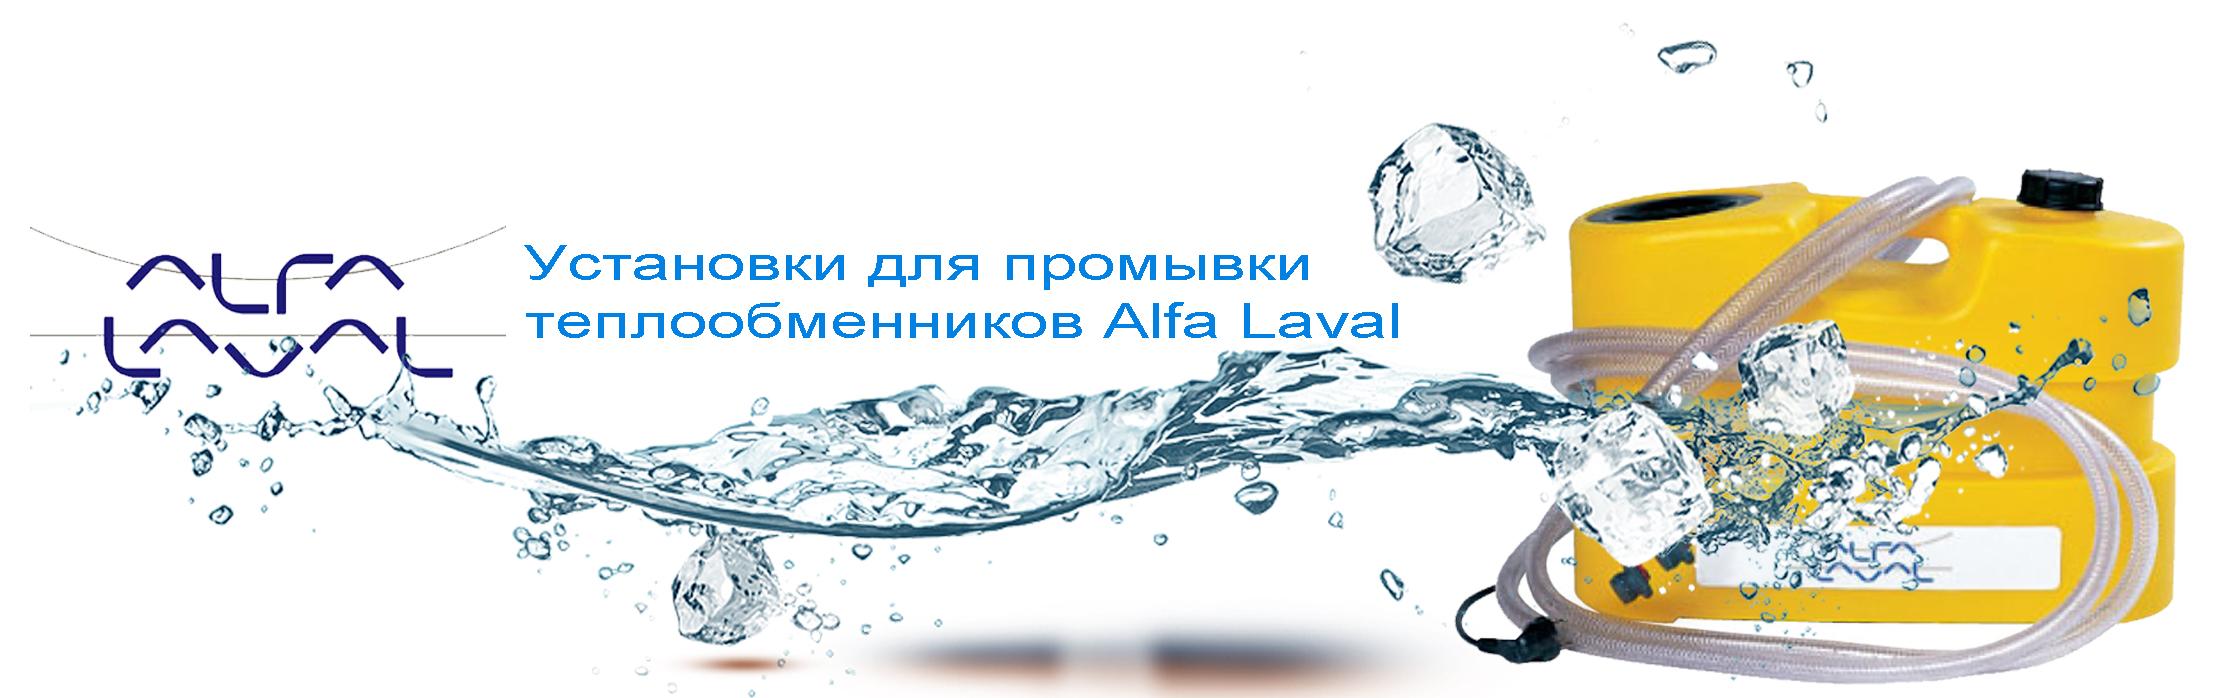 Установка для промывки теплообменников cip Электрический подогреватель Alfa Laval Aalborg EH 25 Черкесск